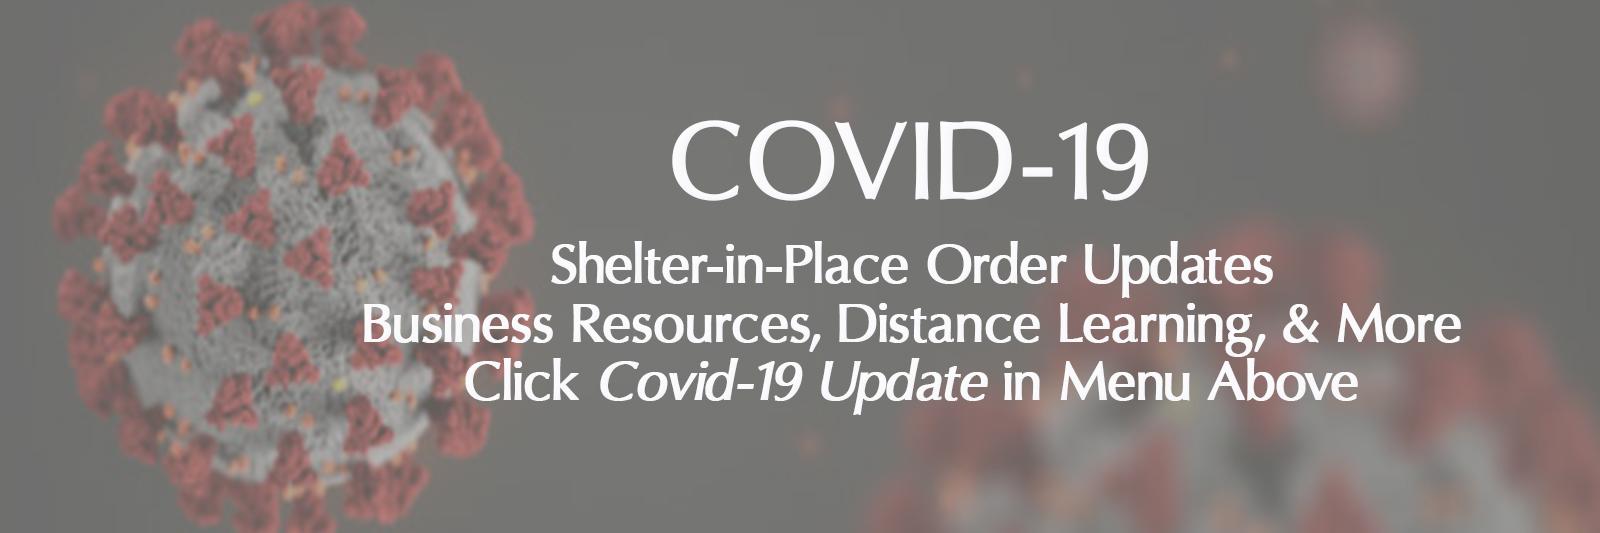 SliderImage---COVID19.jpg